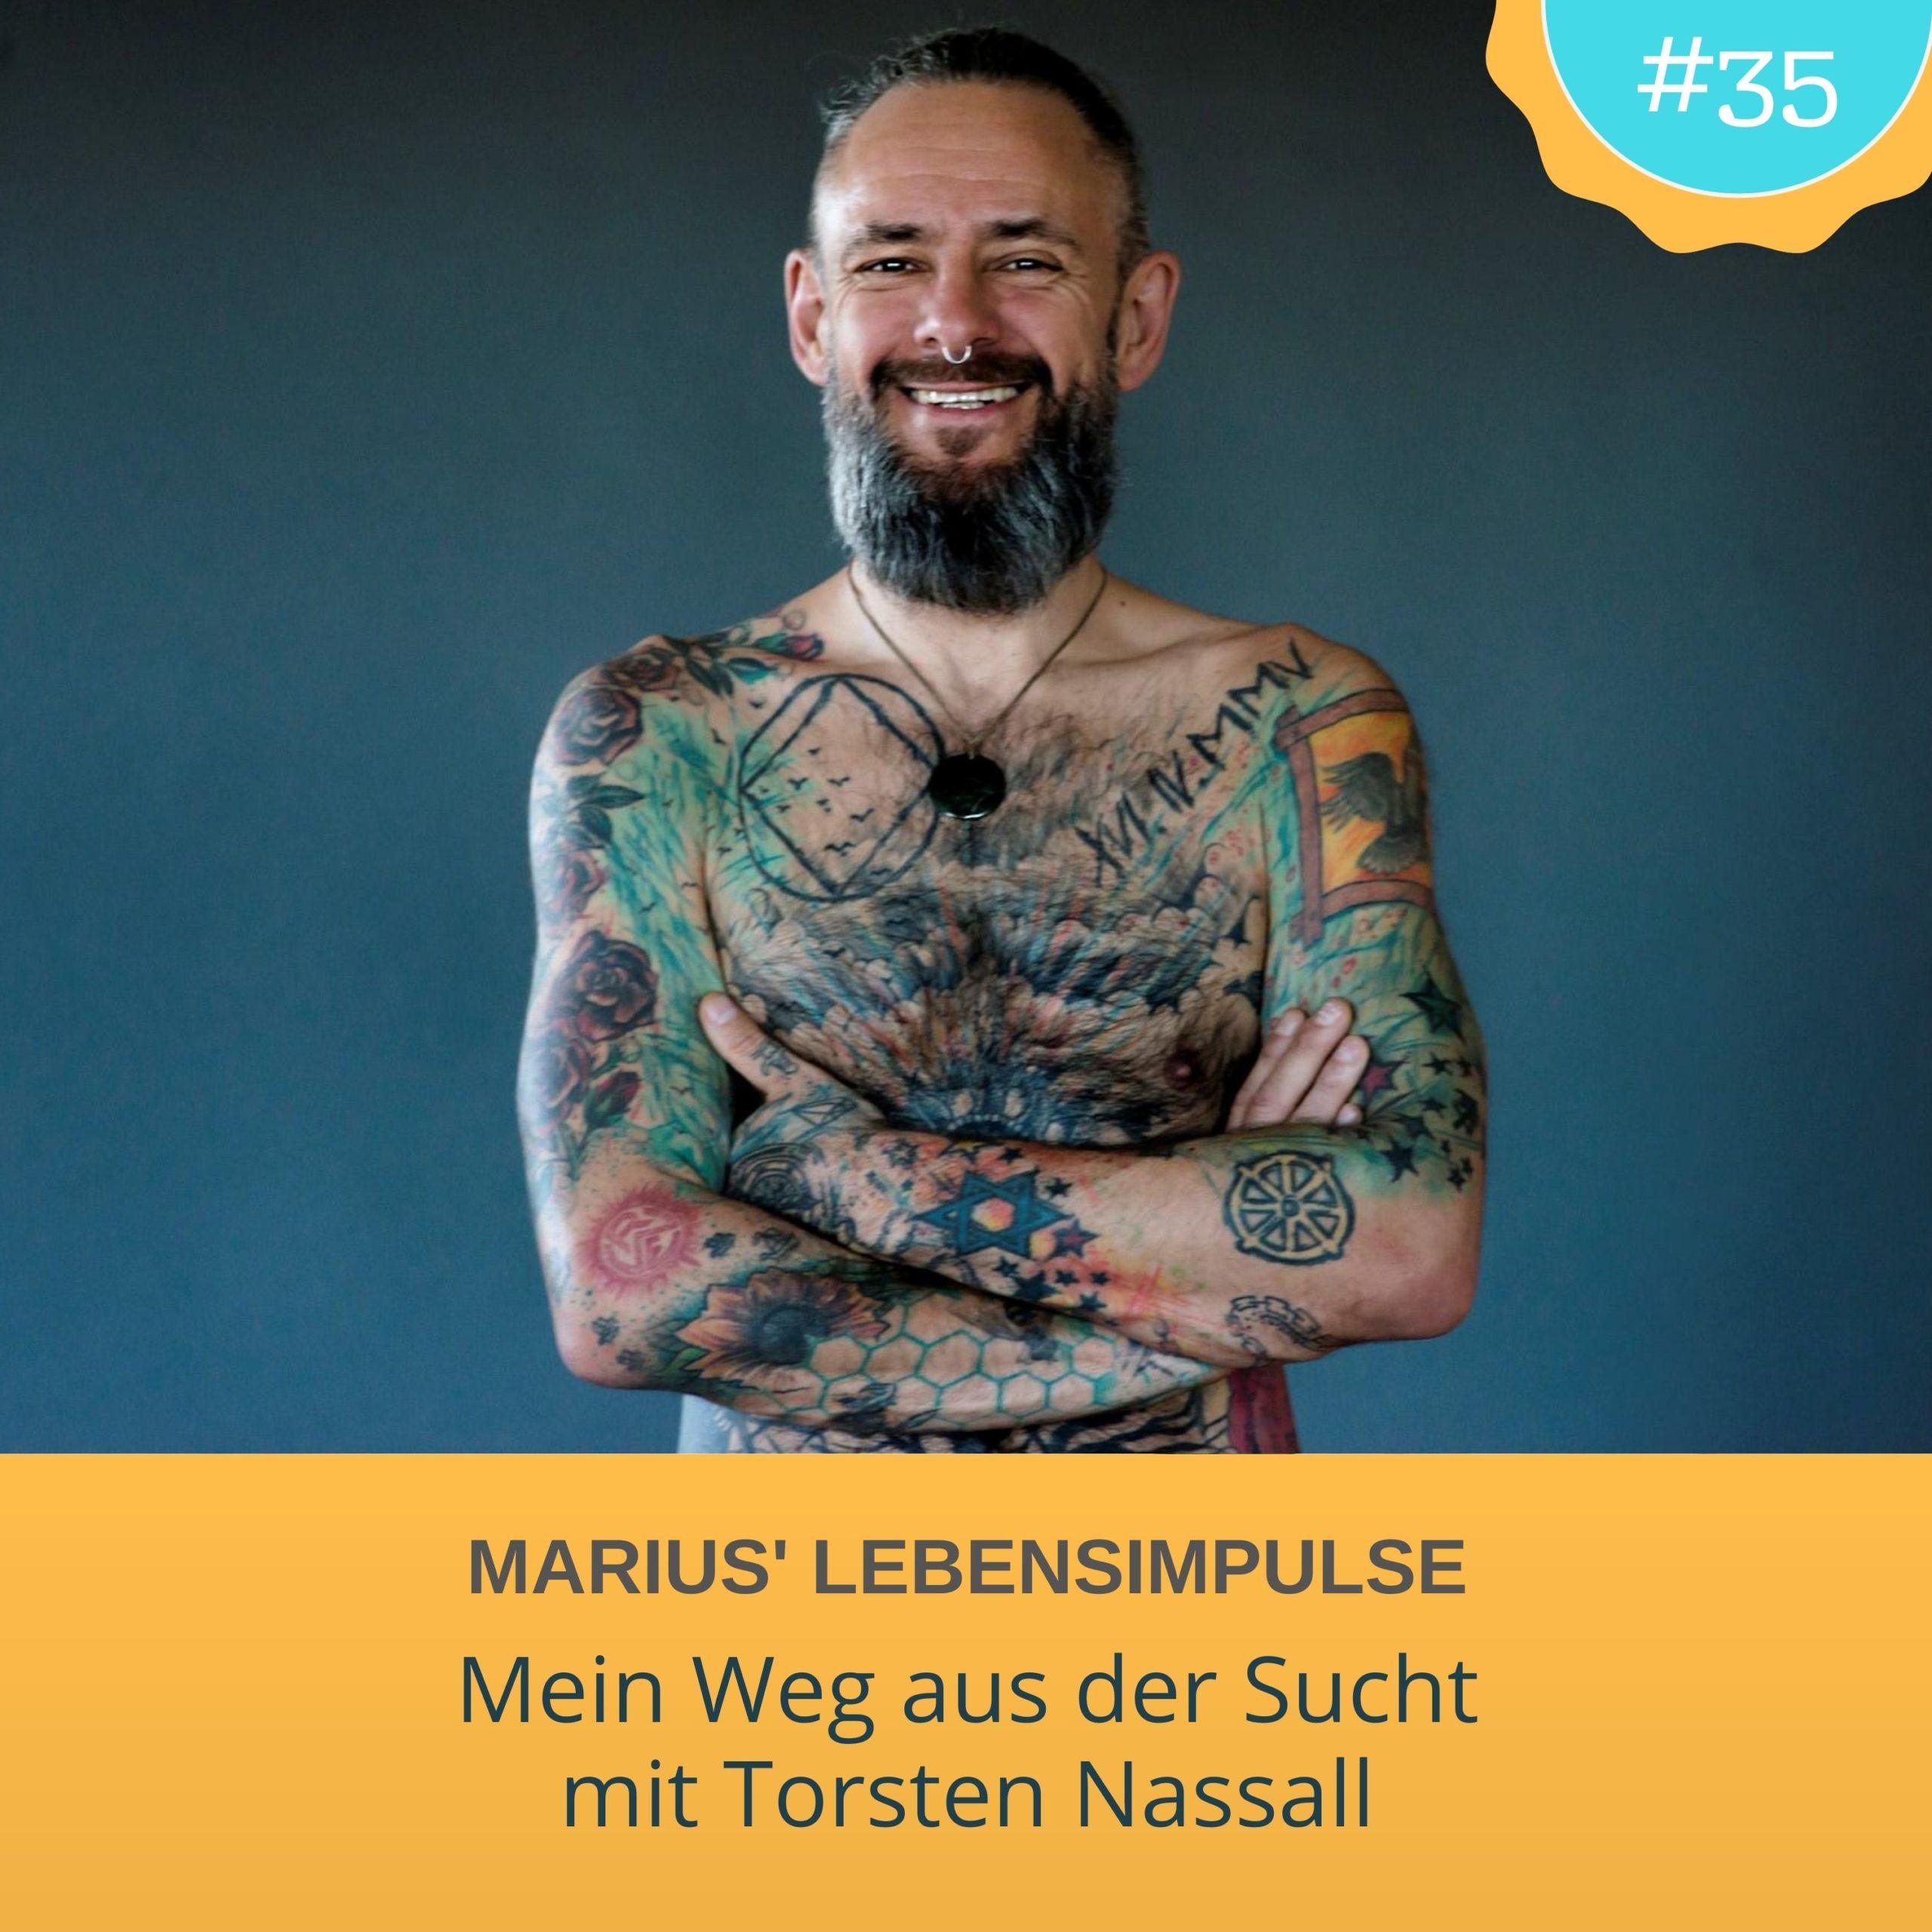 Torsten Nassall - Mein Weg aus der Sucht